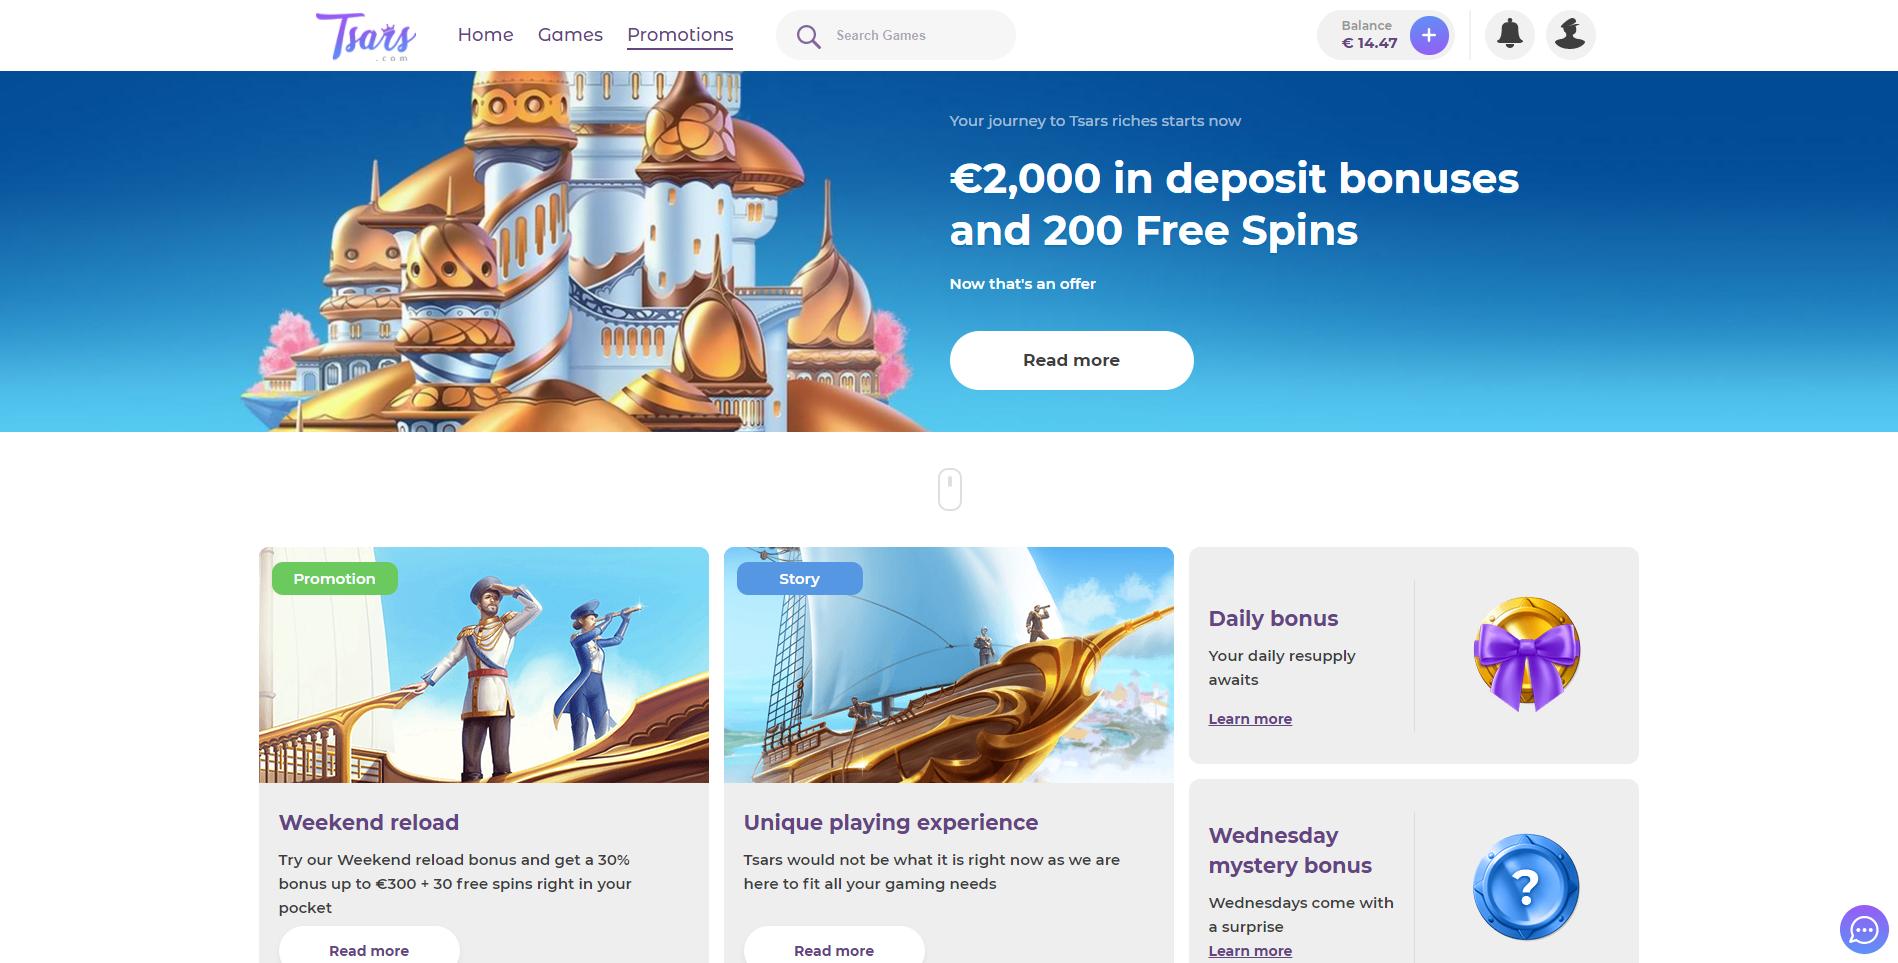 tsars casino bonus premija 2000€ 200 nemokamų sukimų karalystė pilis laivas tsars casino no deposit bonus